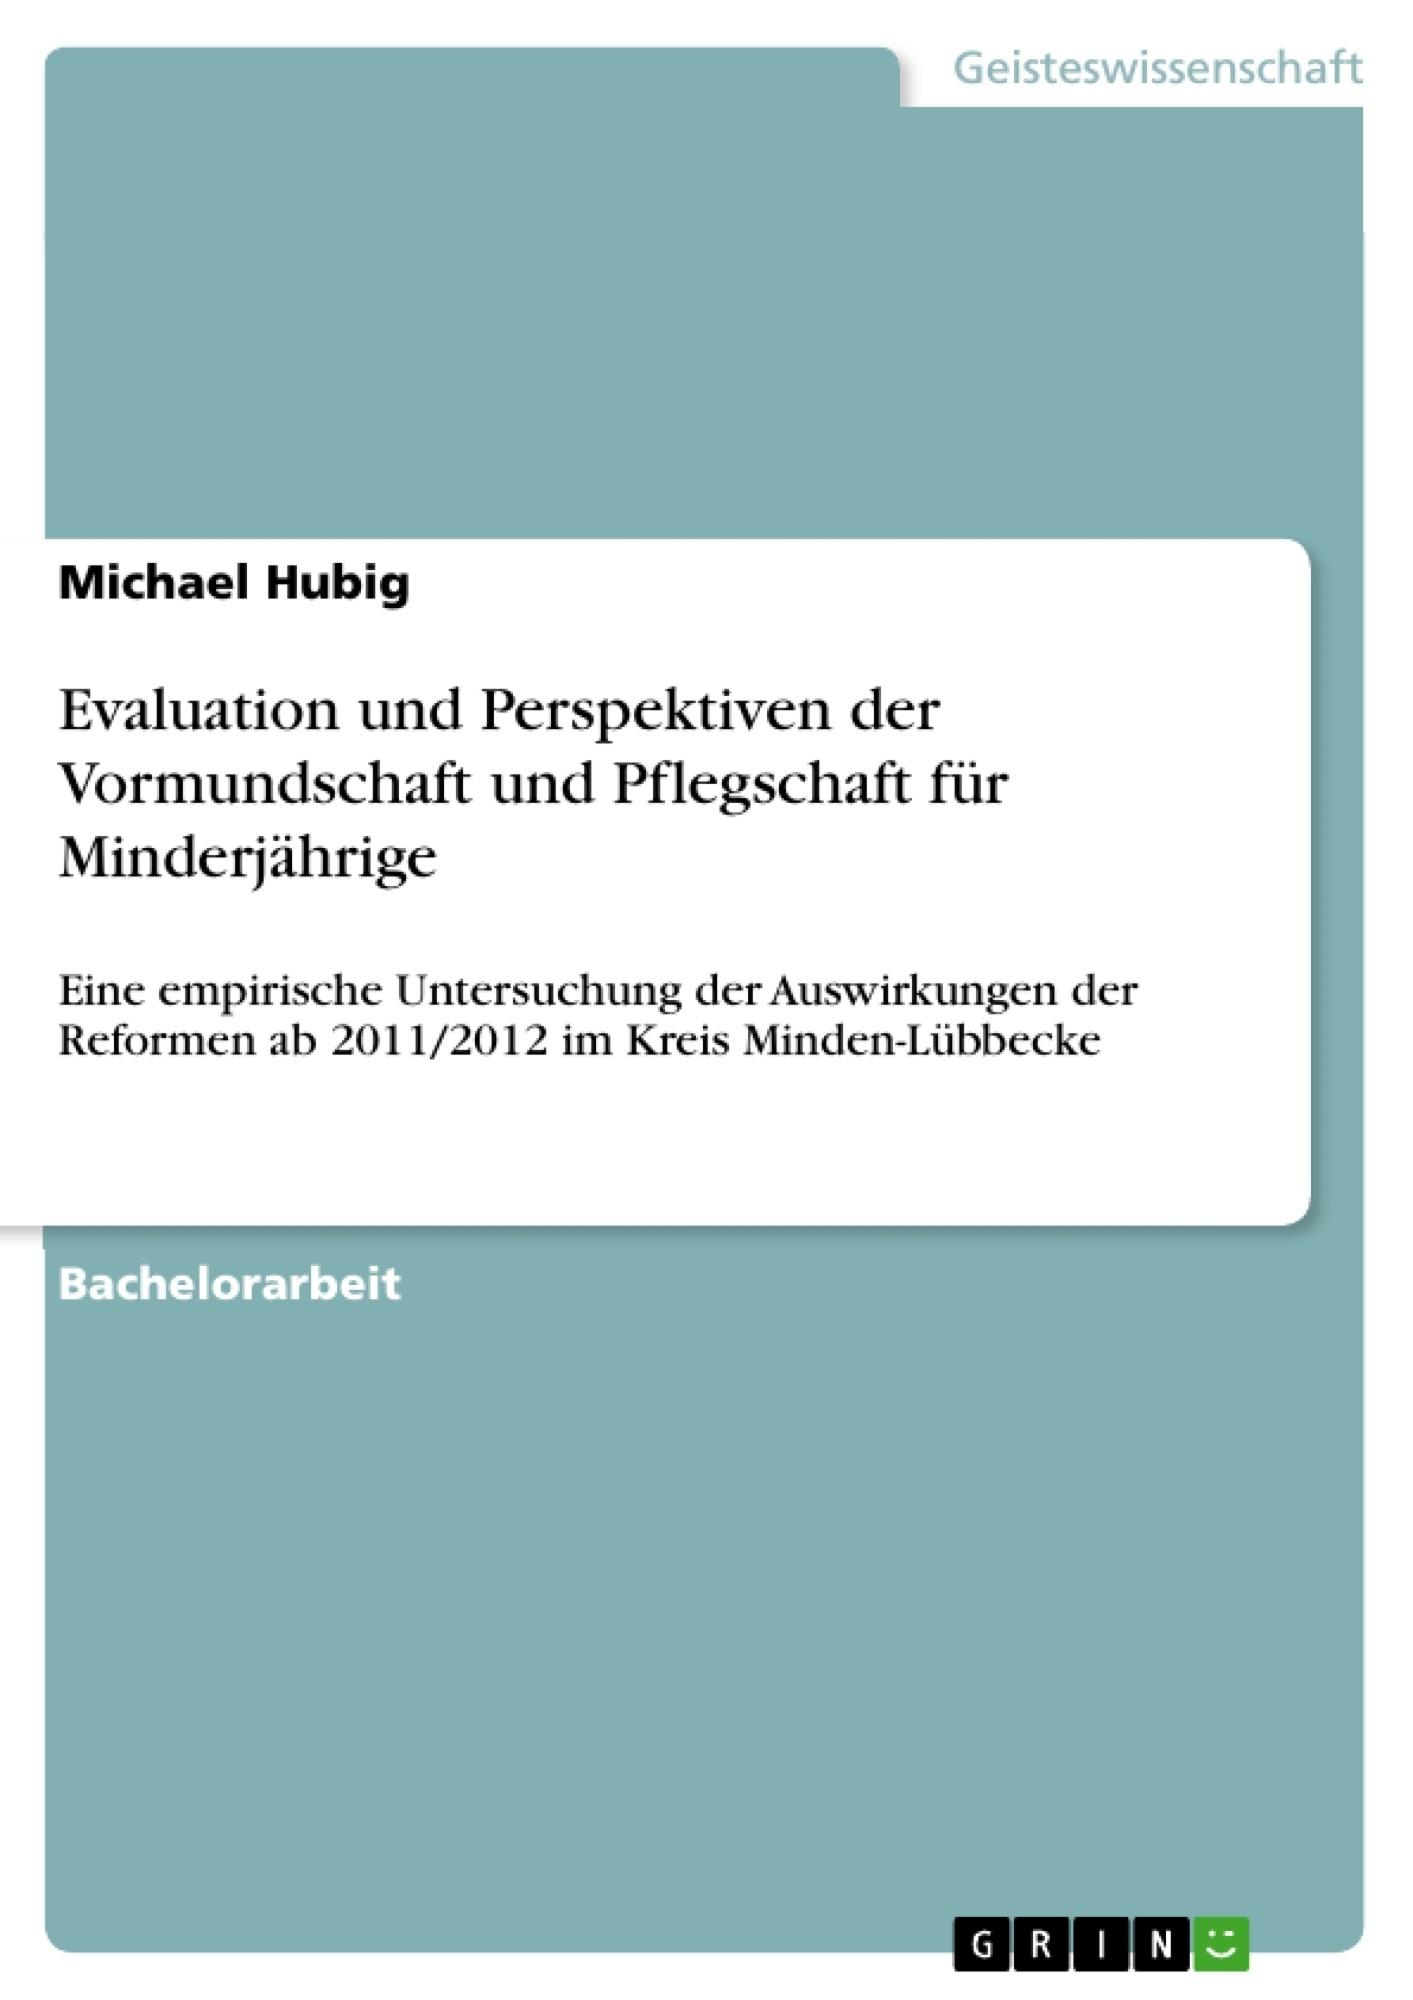 Título: Evaluation und Perspektiven der Vormundschaft und Pflegschaft für Minderjährige